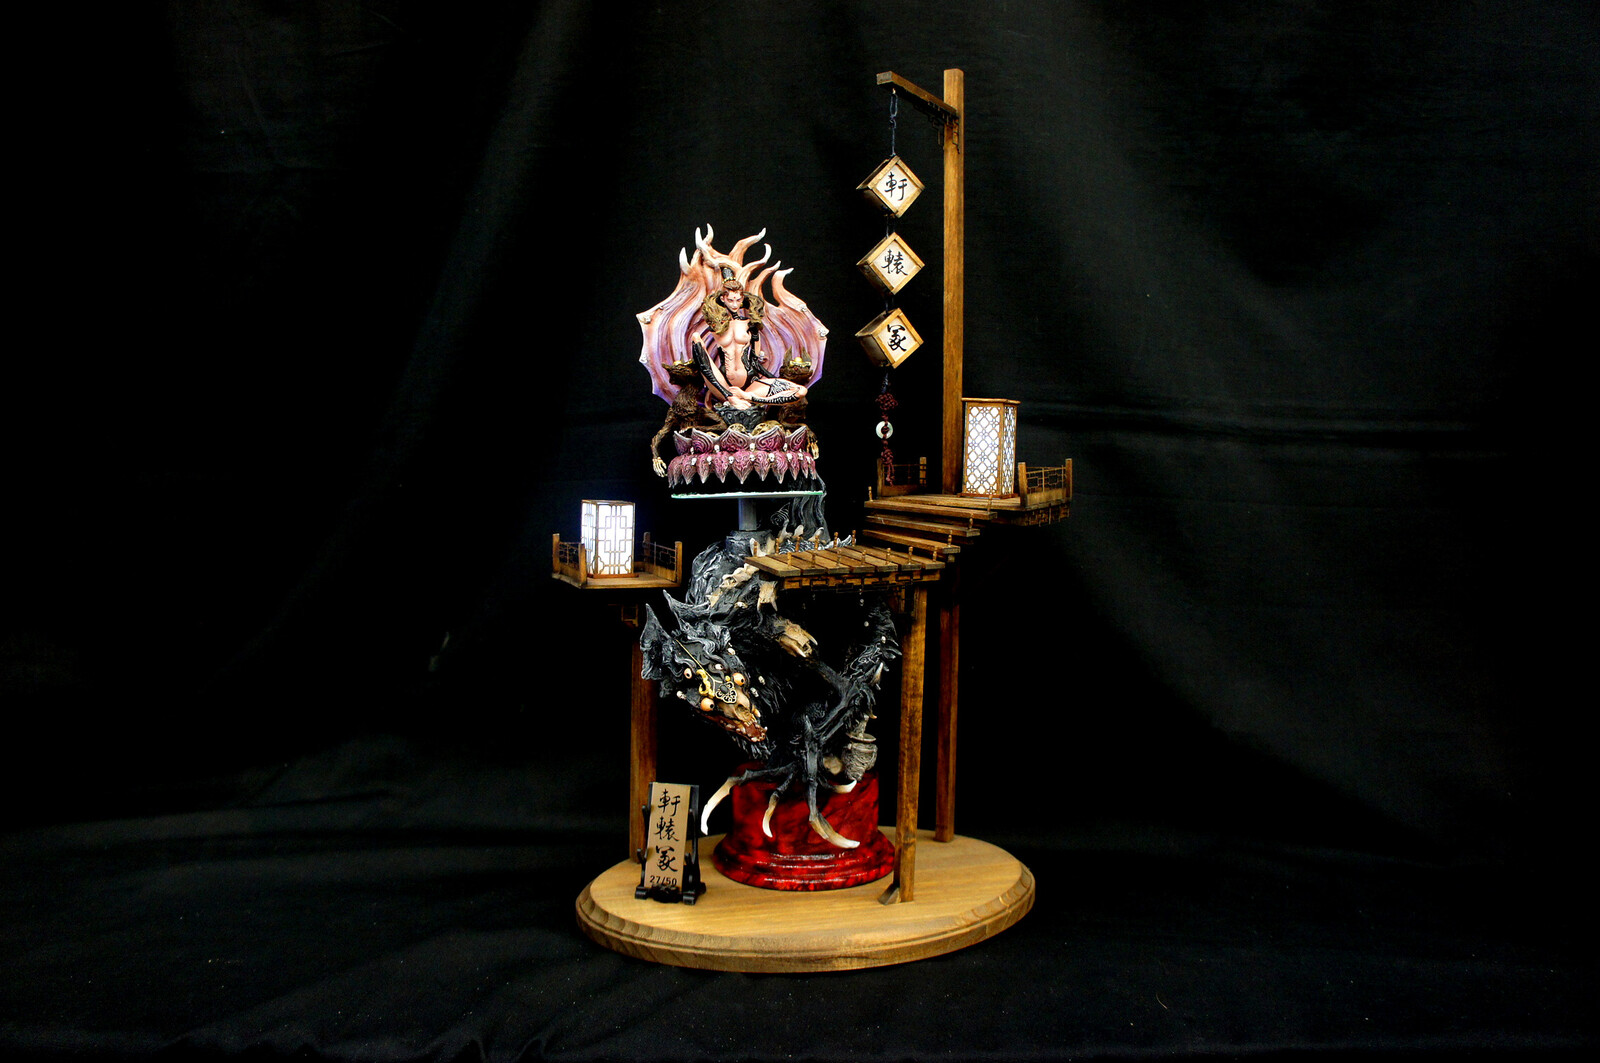 轩辕冢  Fox Girl Reincarnation Art Statue  https://www.solidart.club/